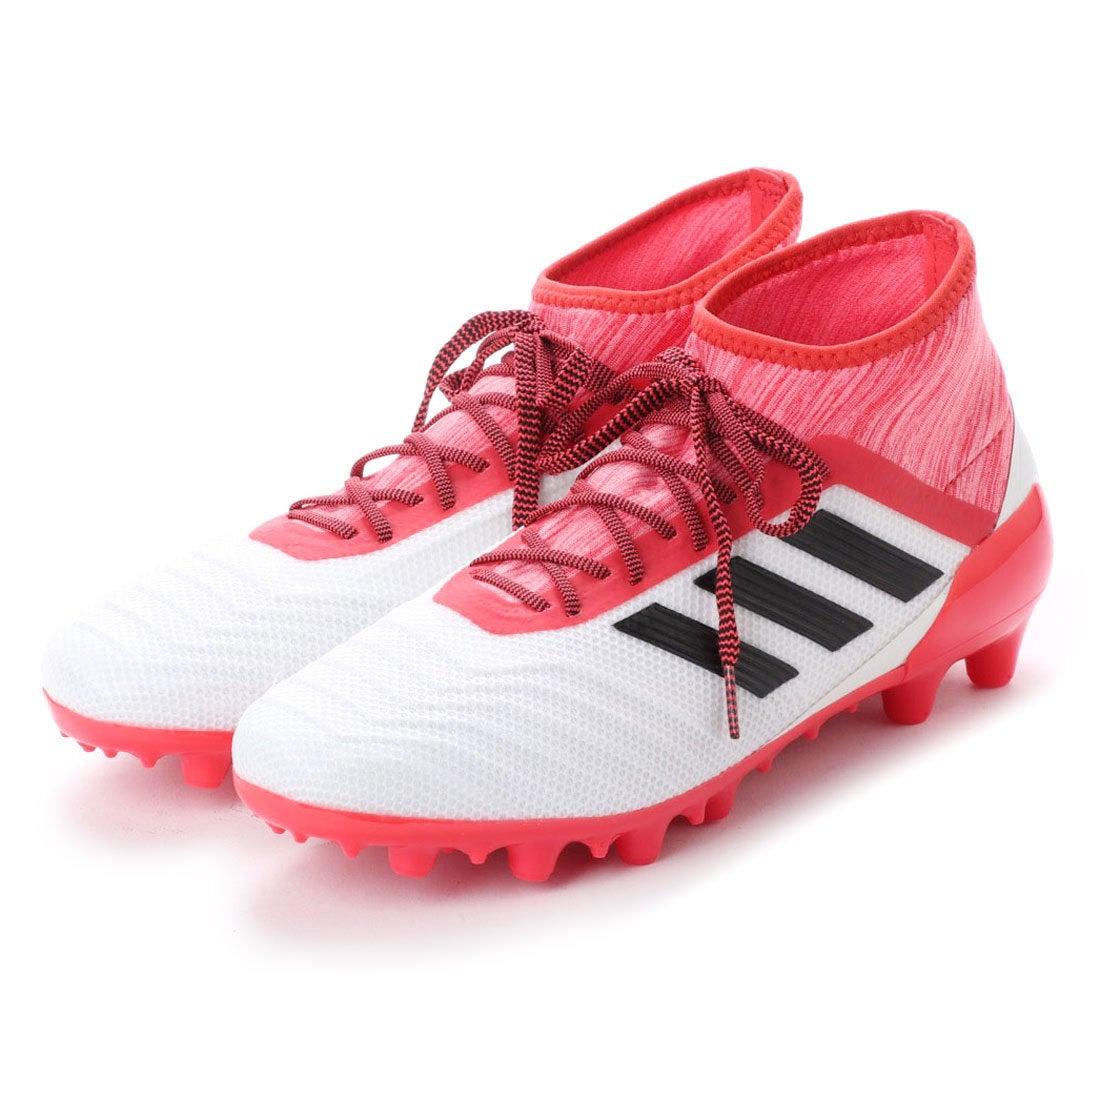 【SALE 35%OFF】アディダス adidas サッカー スパイクシューズ プレデター 18.2-ジャパン HG CQ1951